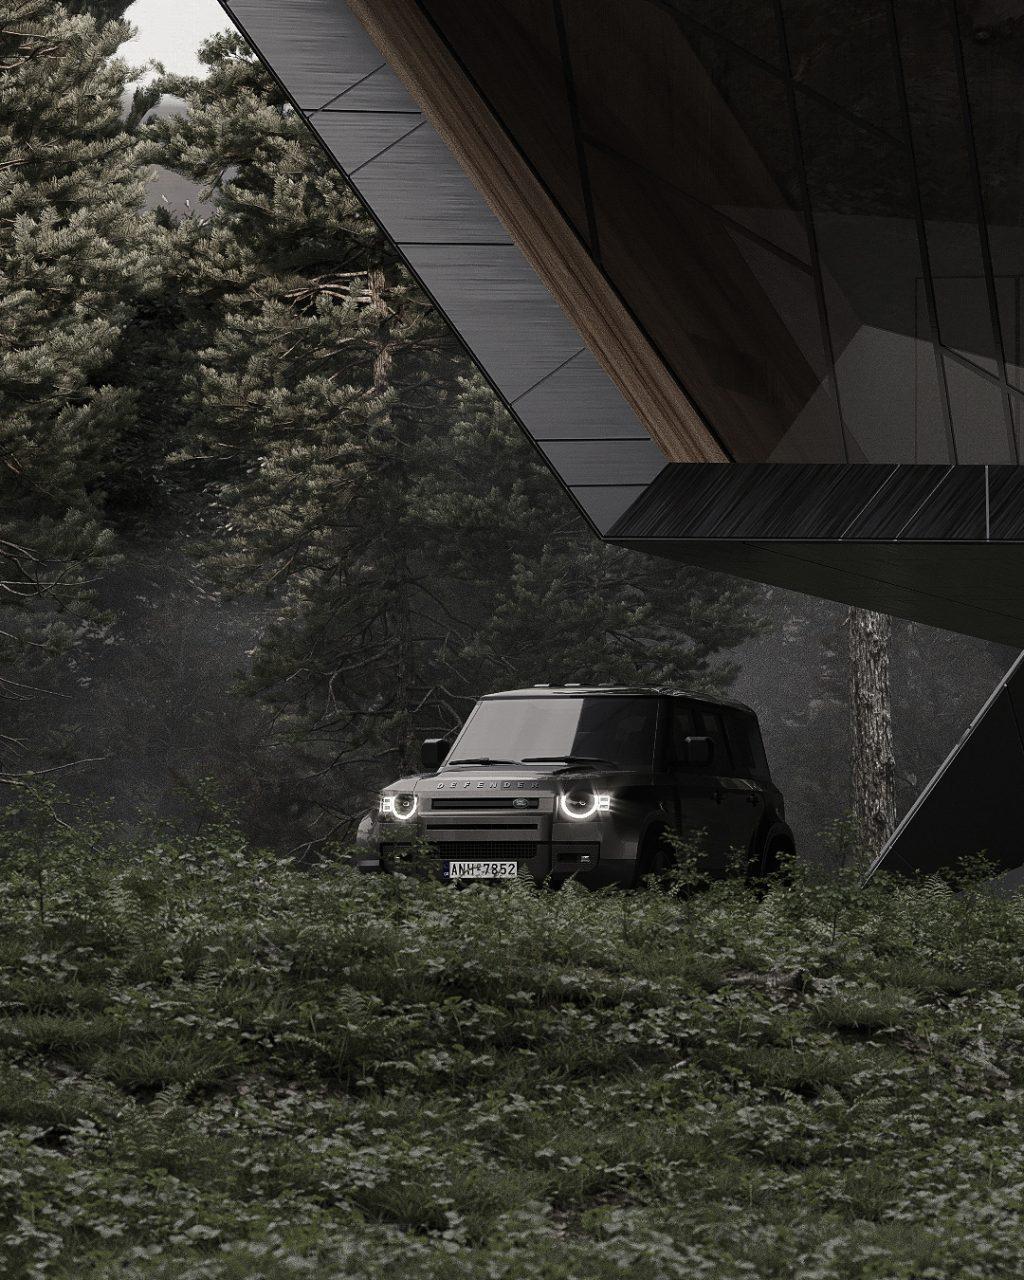 Blackbird a shelter hut by Stipfold